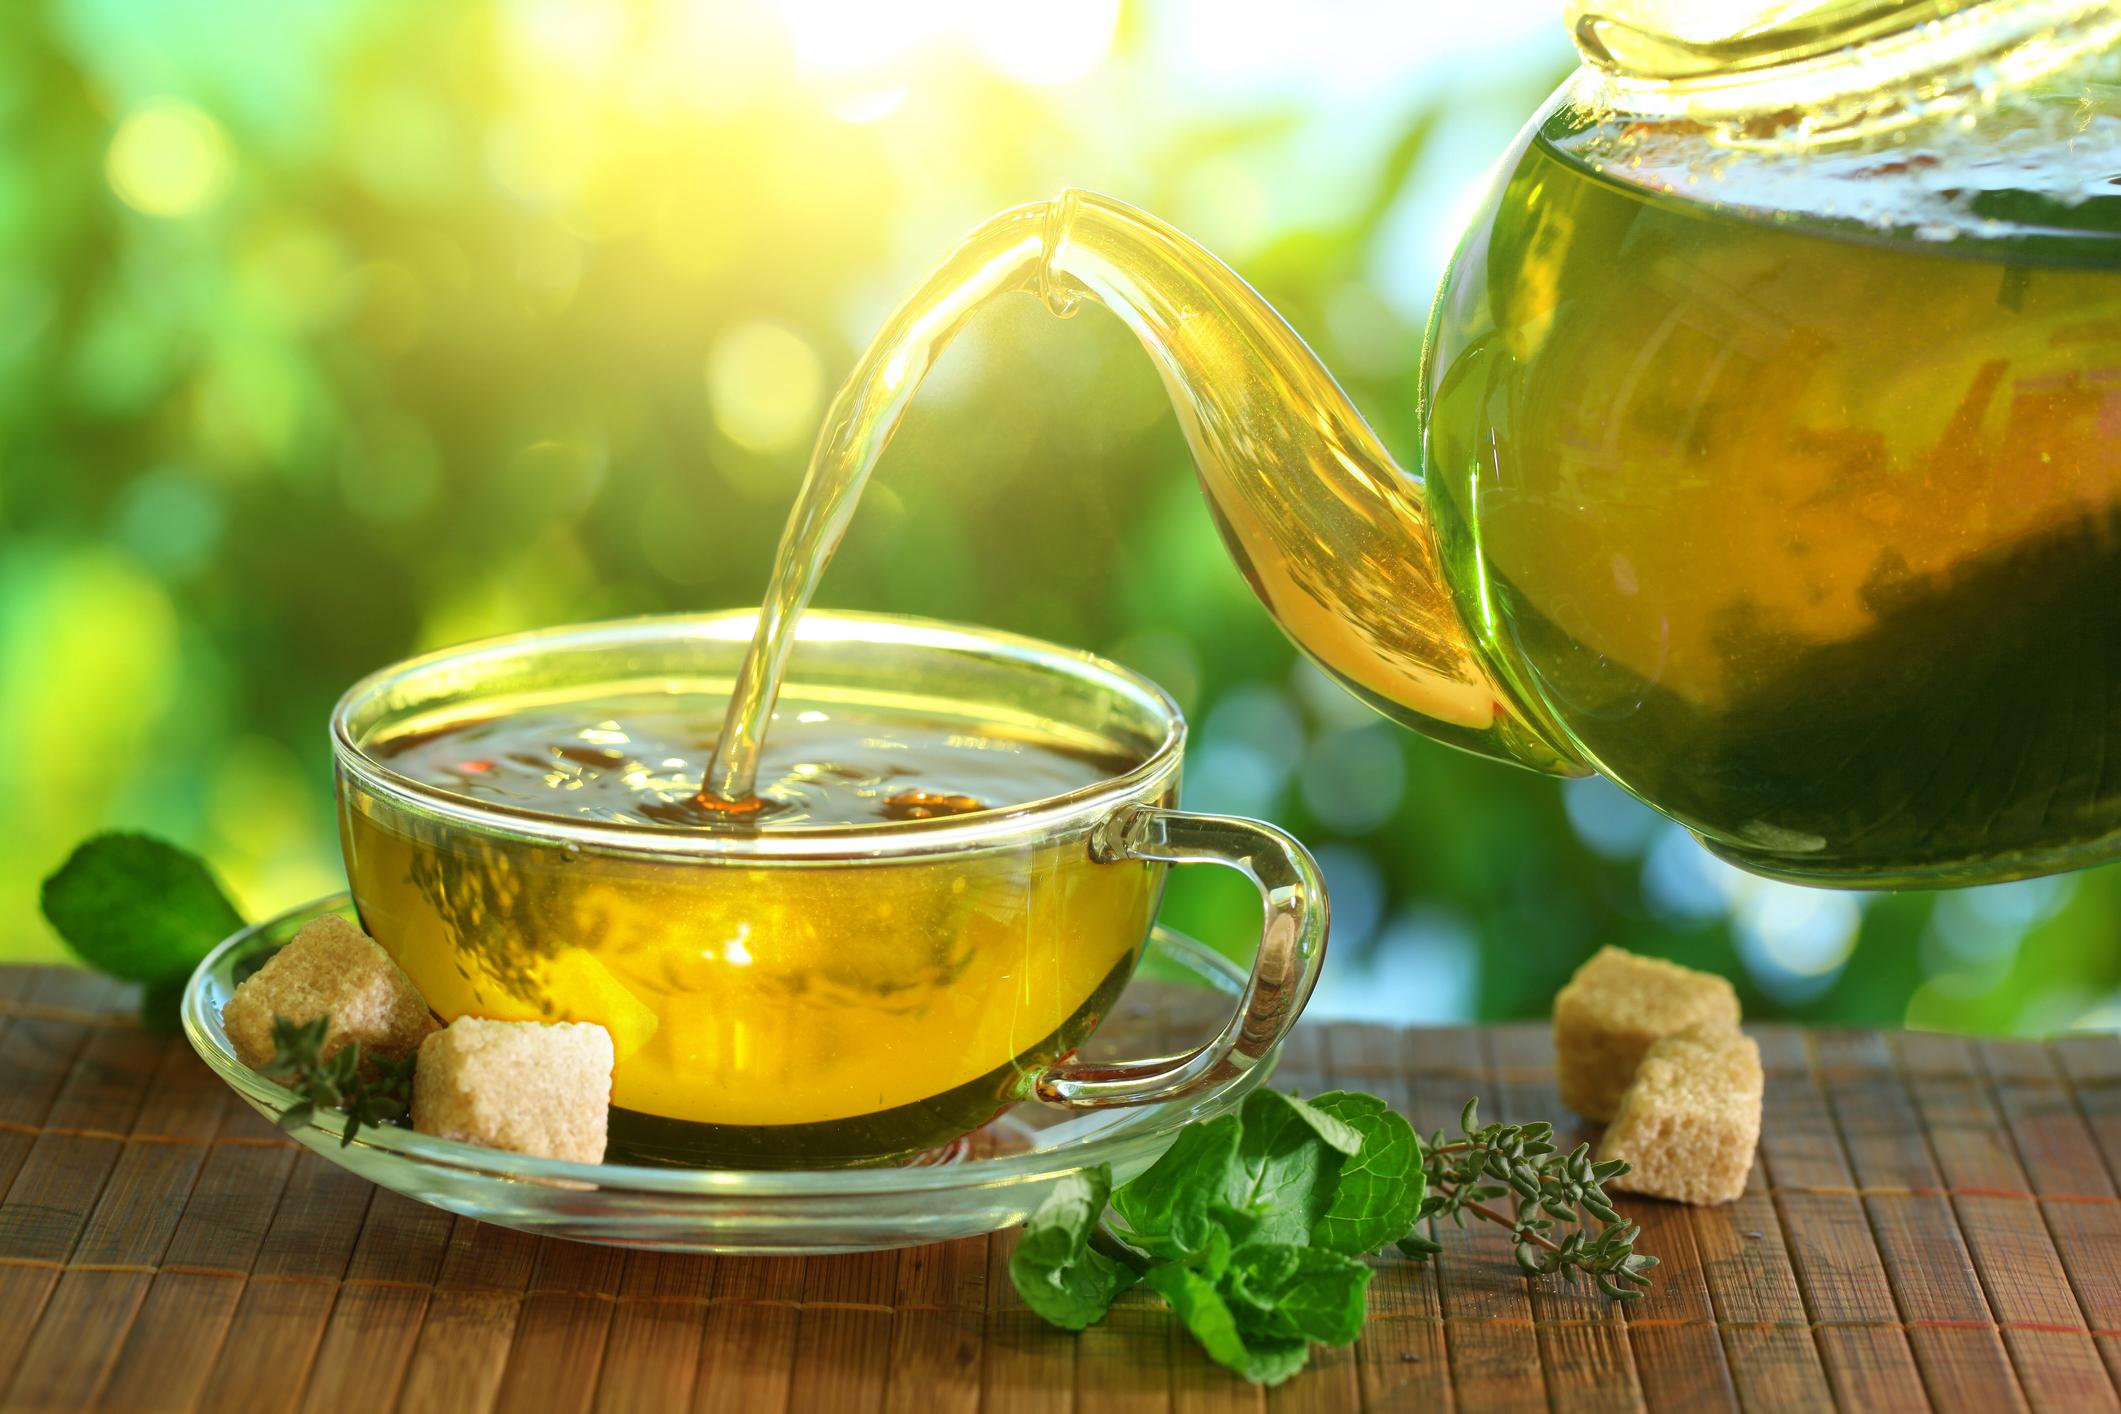 zöld tea fogyasztása magas vérnyomás esetén)